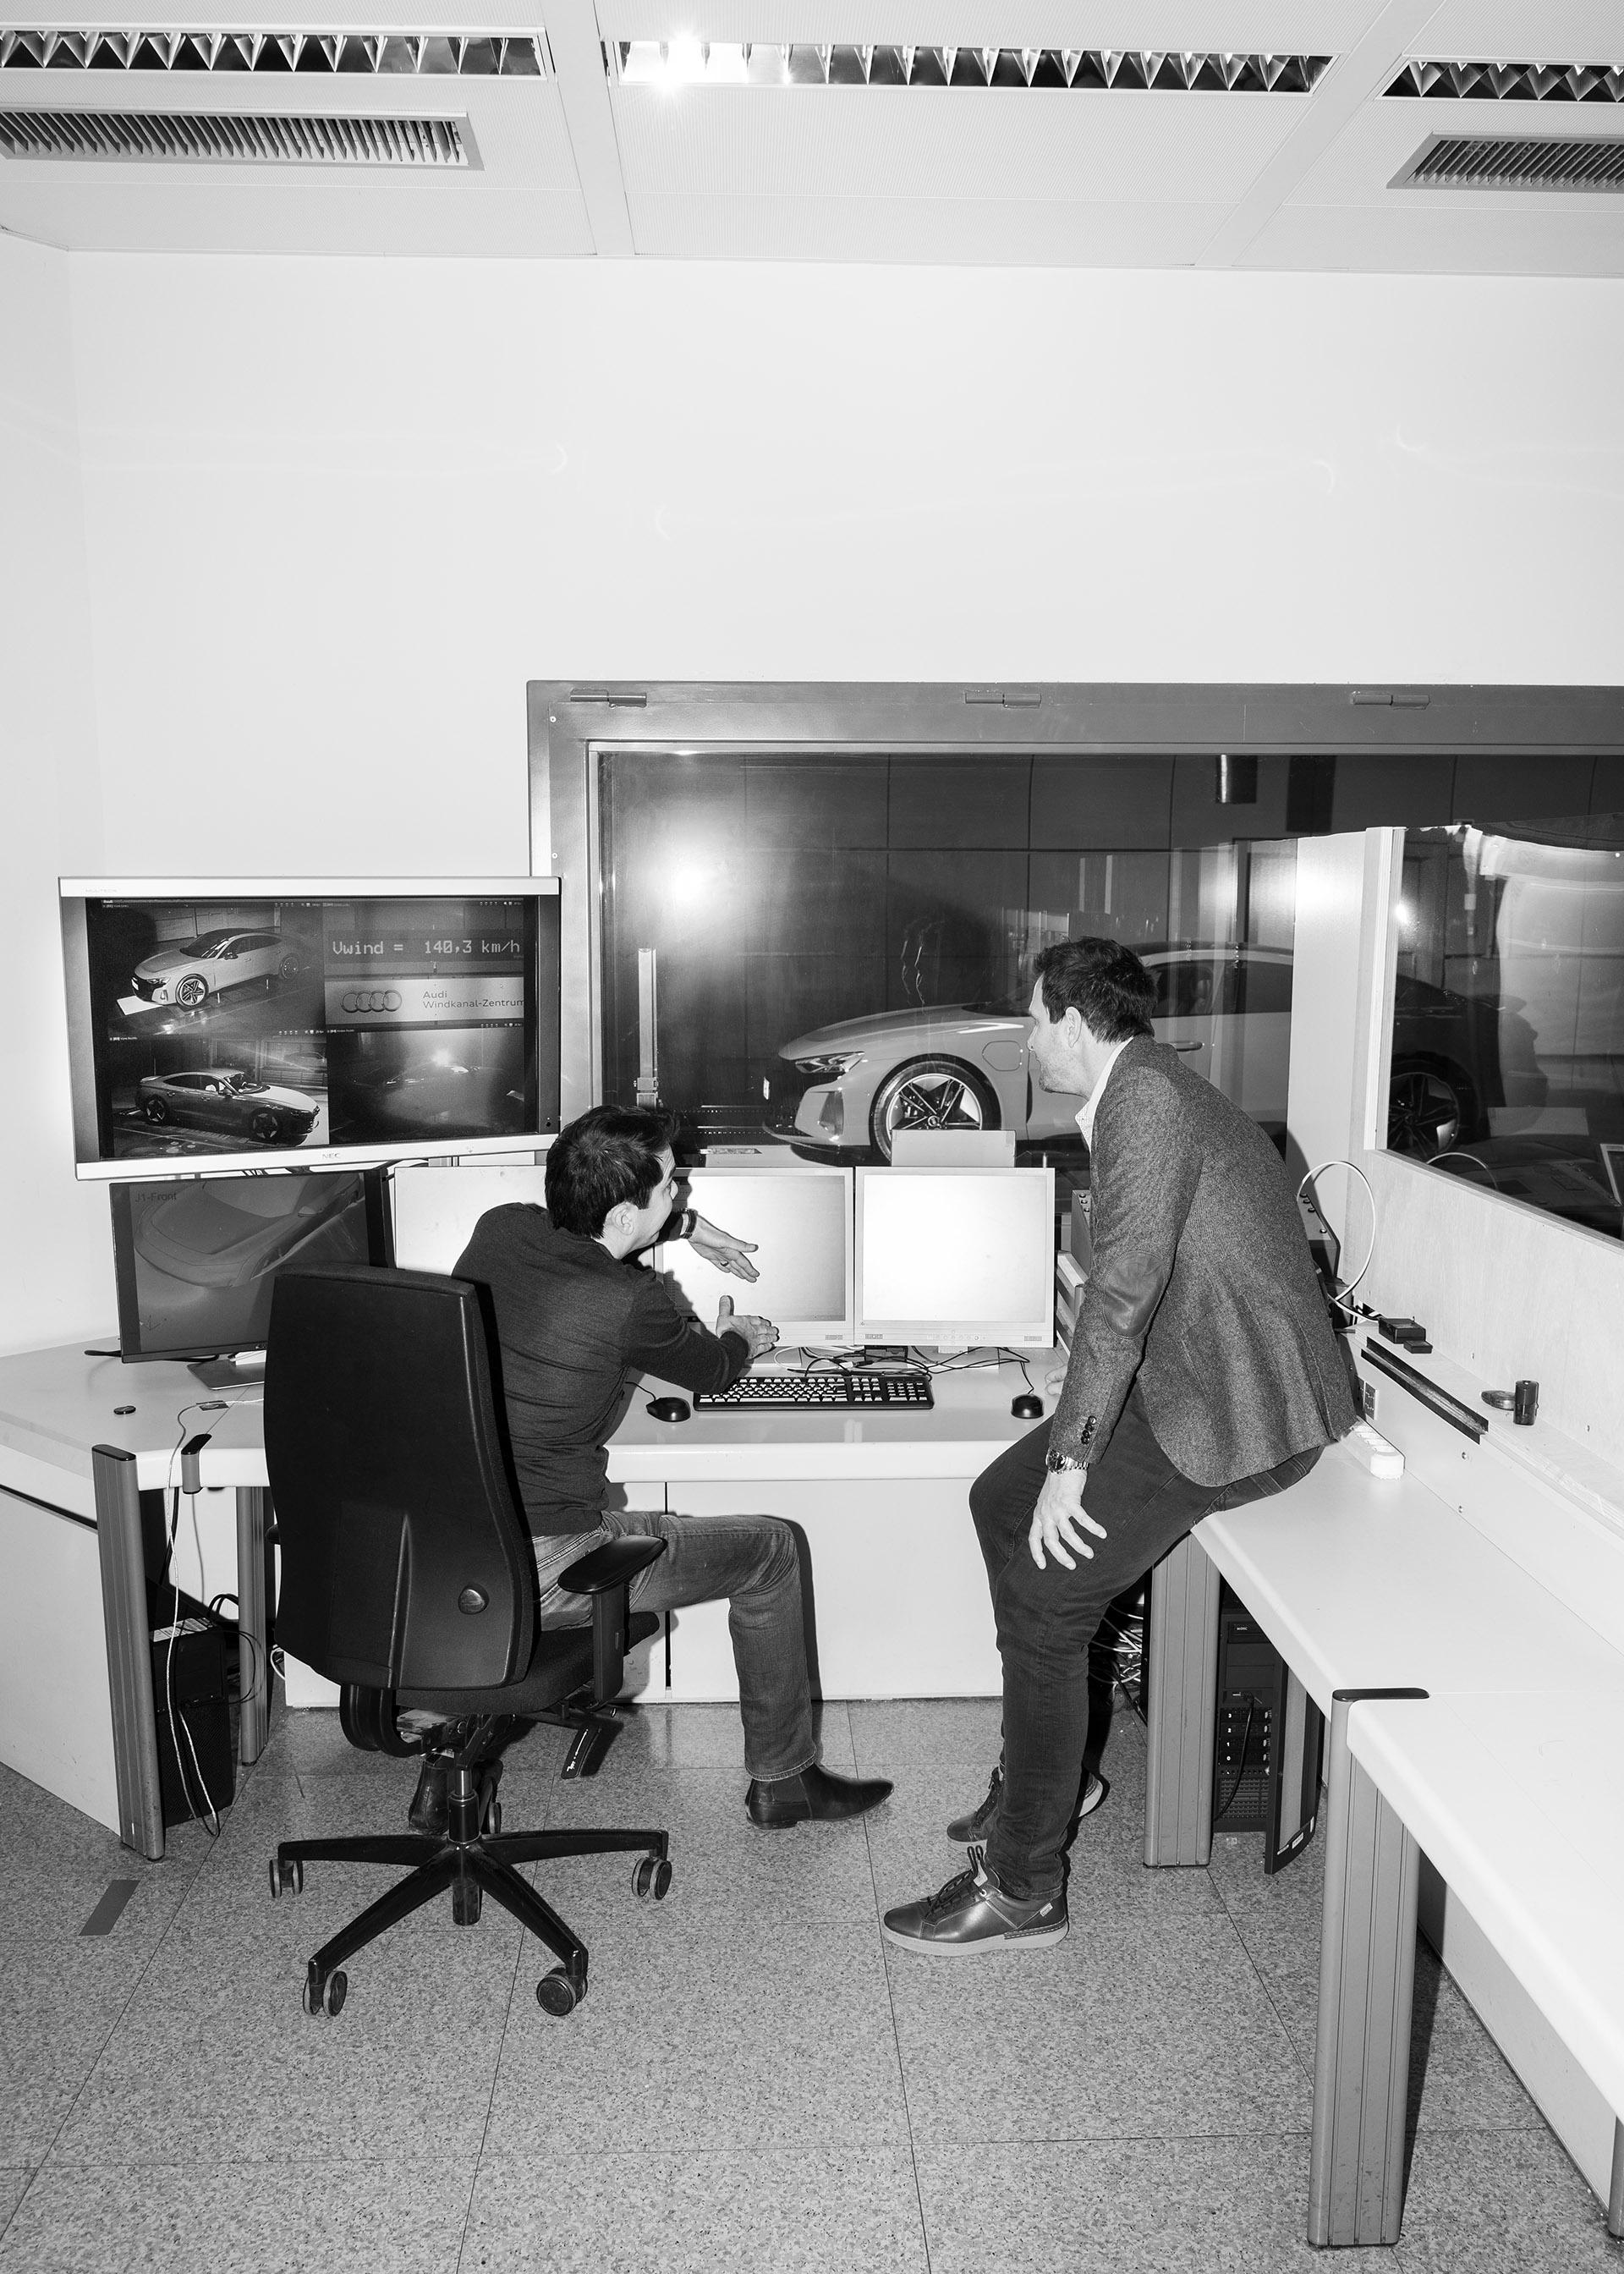 Dr. Kentaro Zens in Thomas Redenbach med pogovorom o rezultatih meritev. Za oknom stoji model Audi RS e-tron GT, v tako imenovanem plenumu vetrovnika.